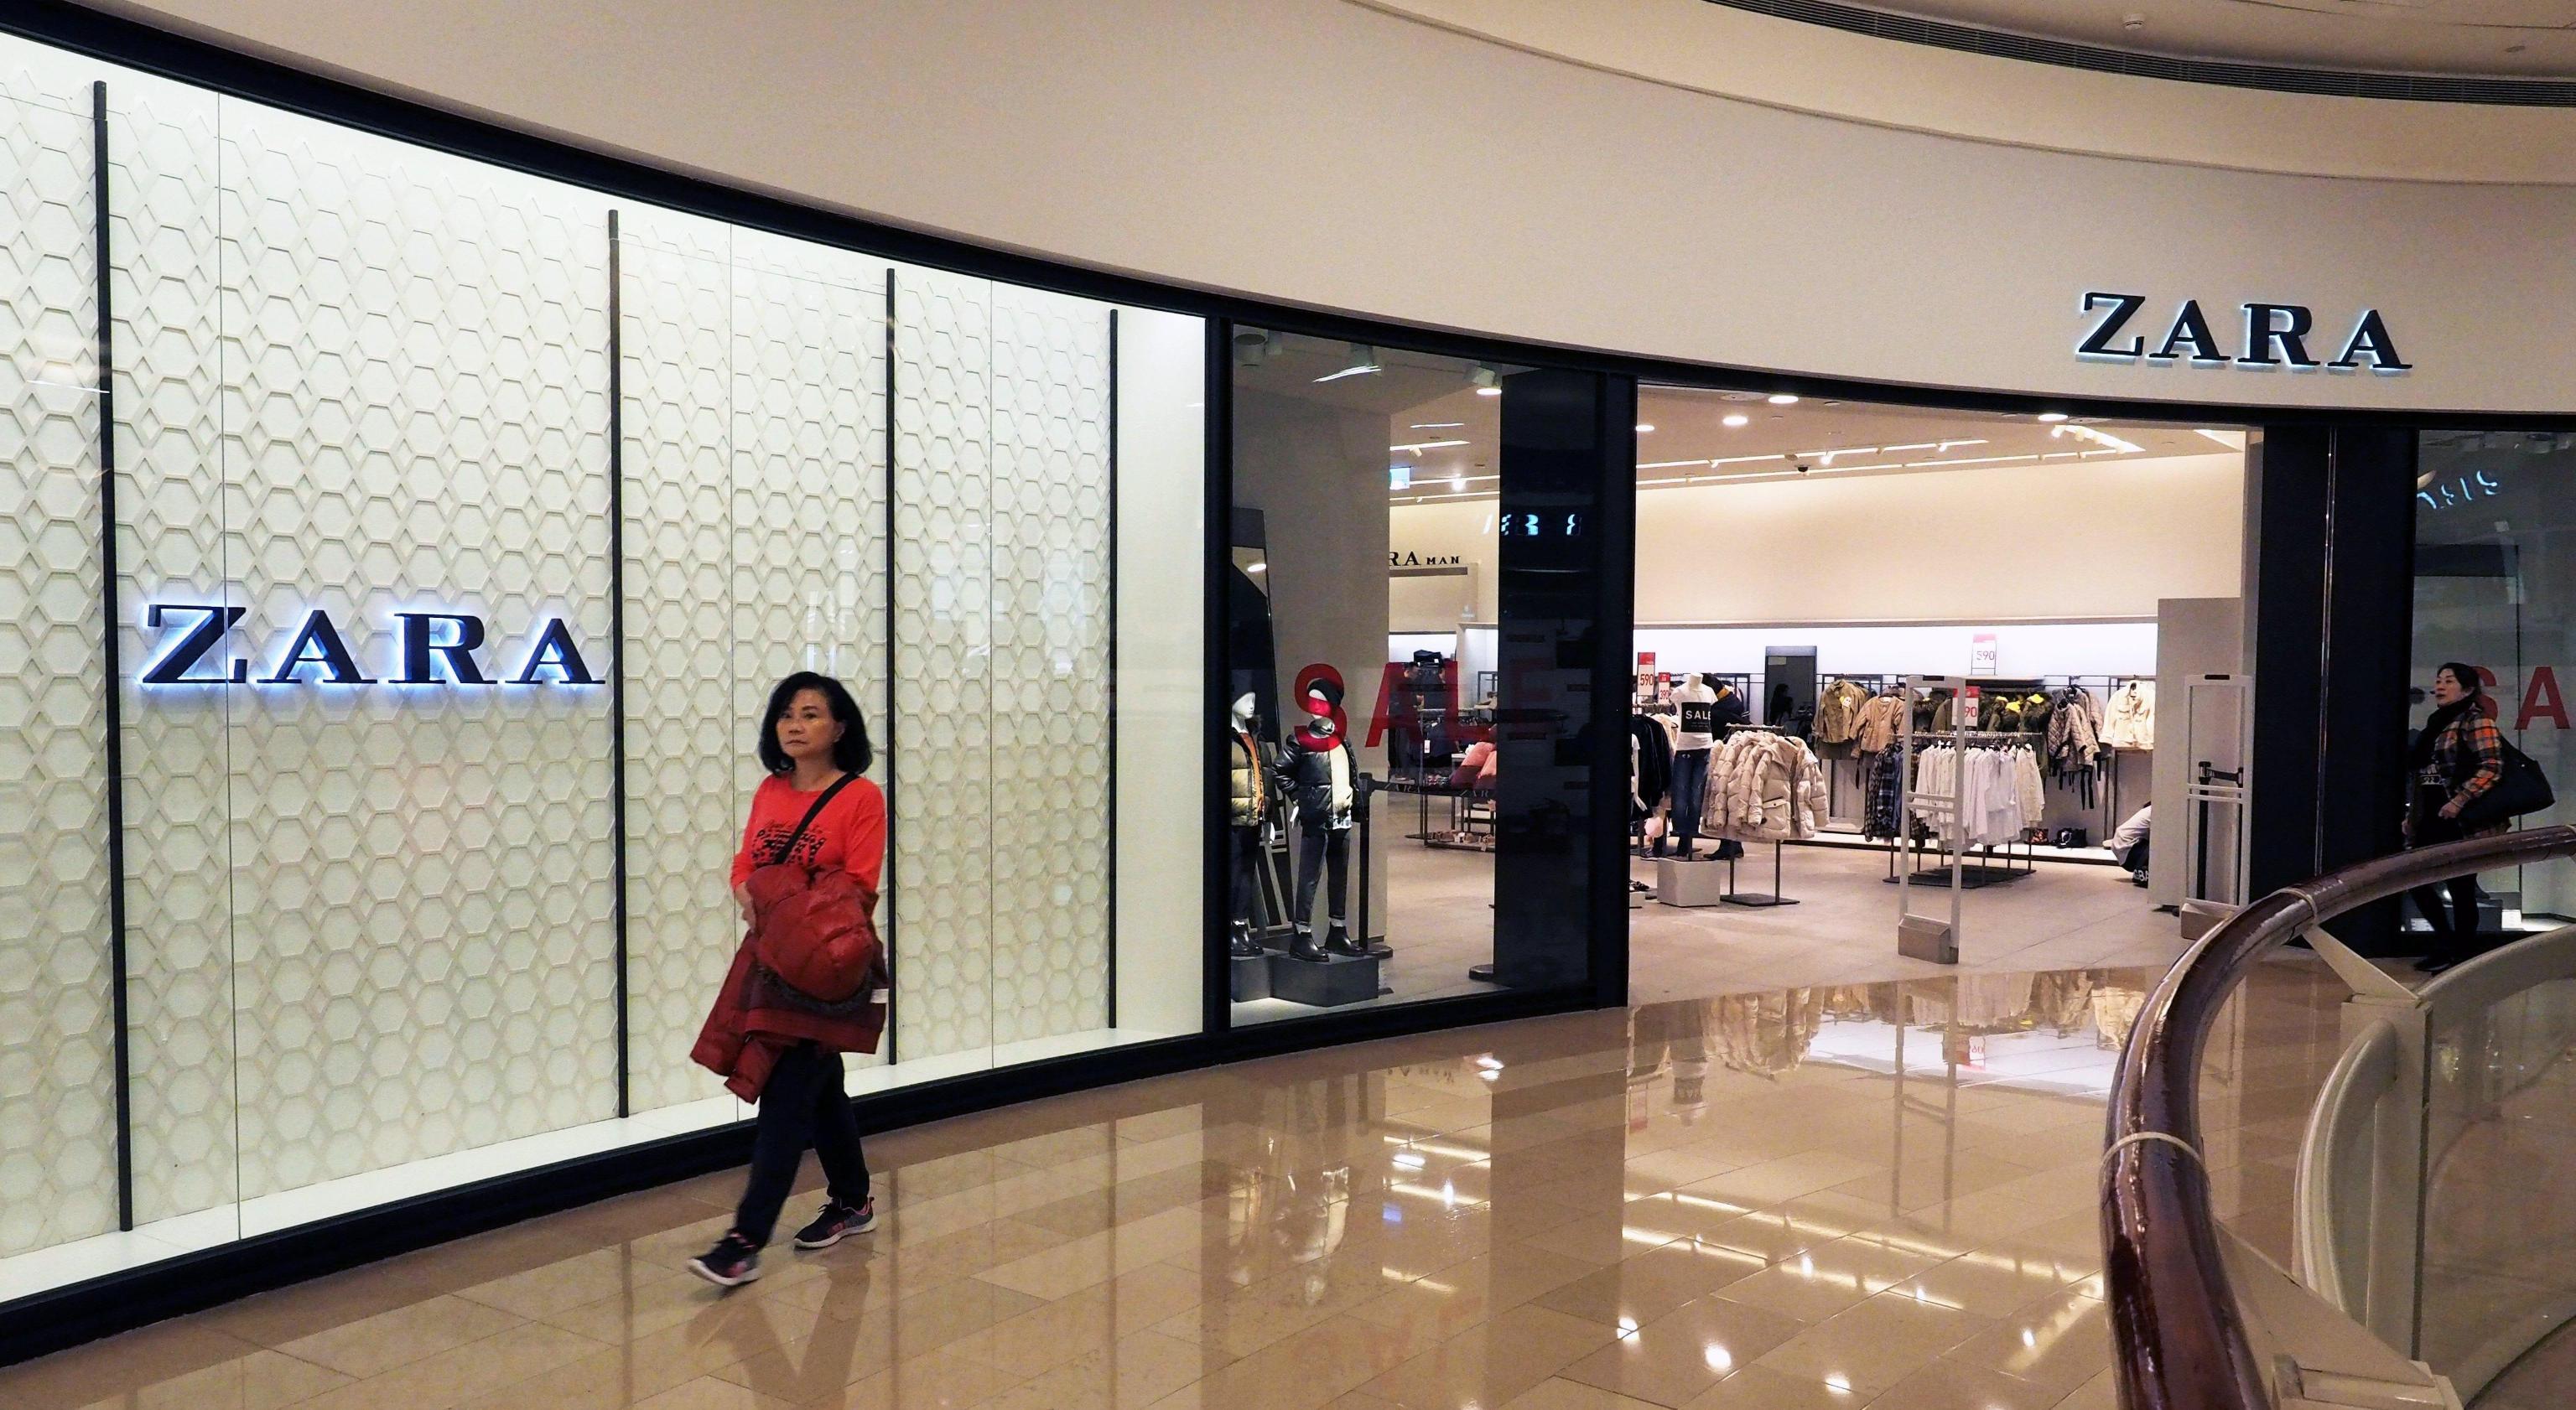 Zara nuove assunzioni: offerte di lavoro in tutta Italia. Ecco come candidarsi